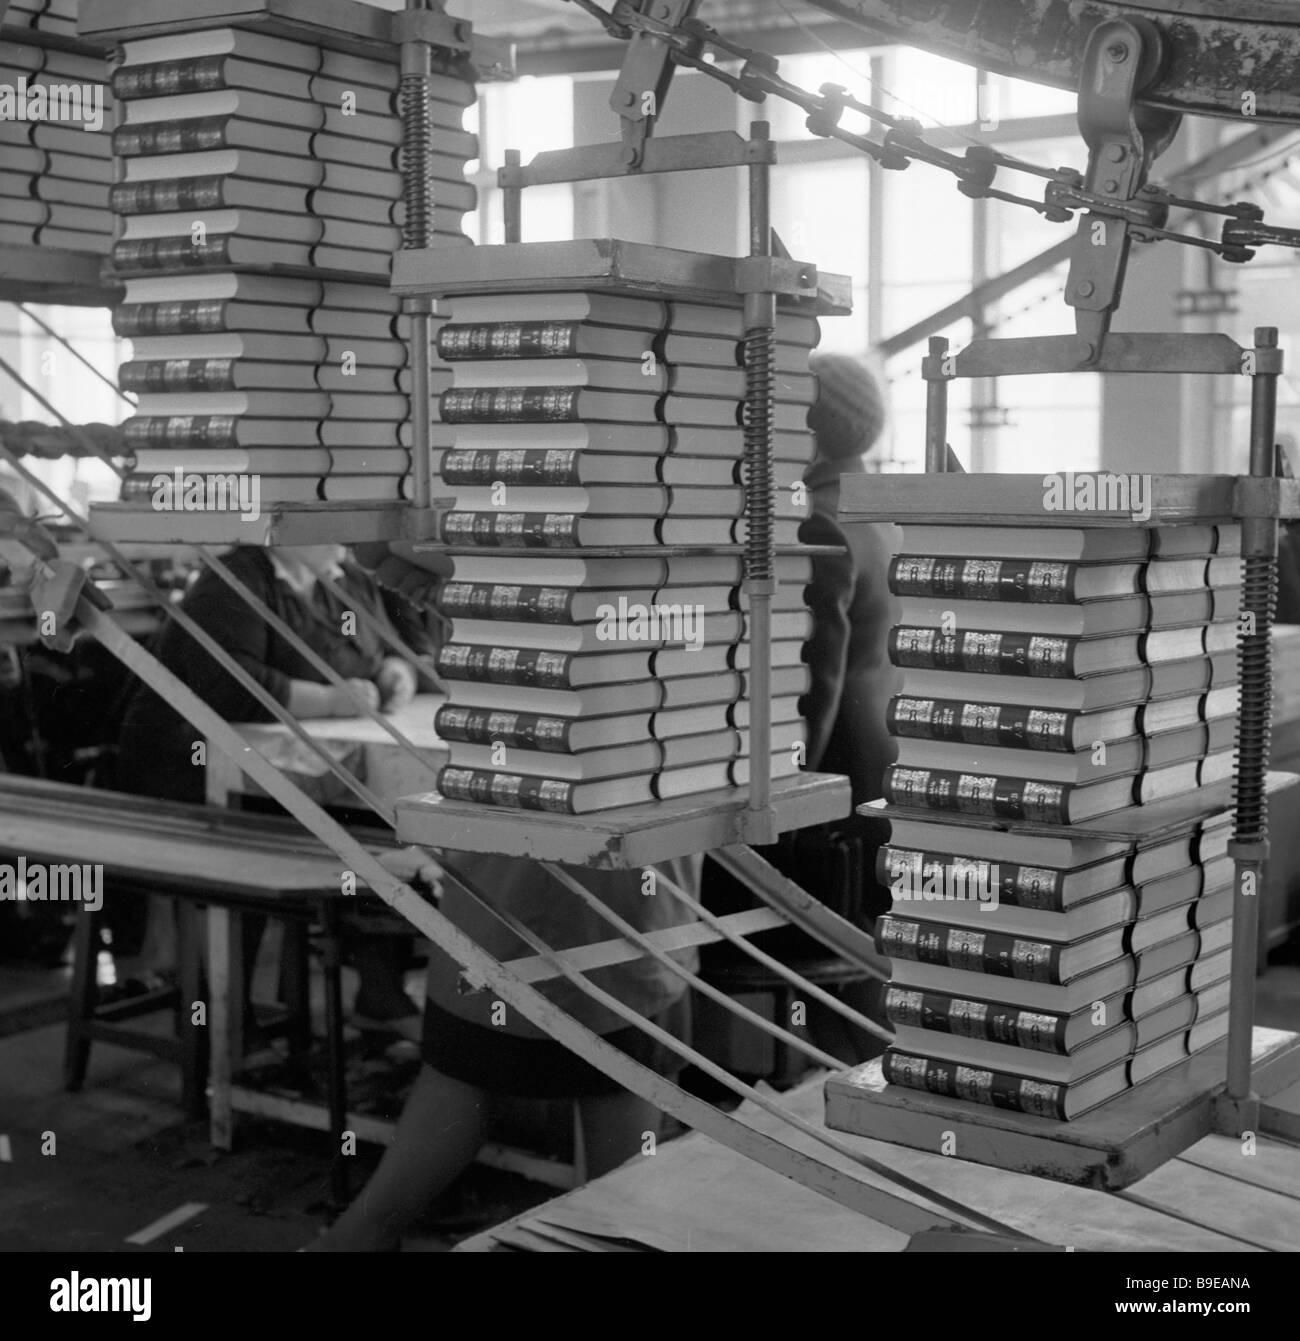 Primo volume della nuova edizione della lingua russa thesaurus presso il negozio di stampa Immagini Stock